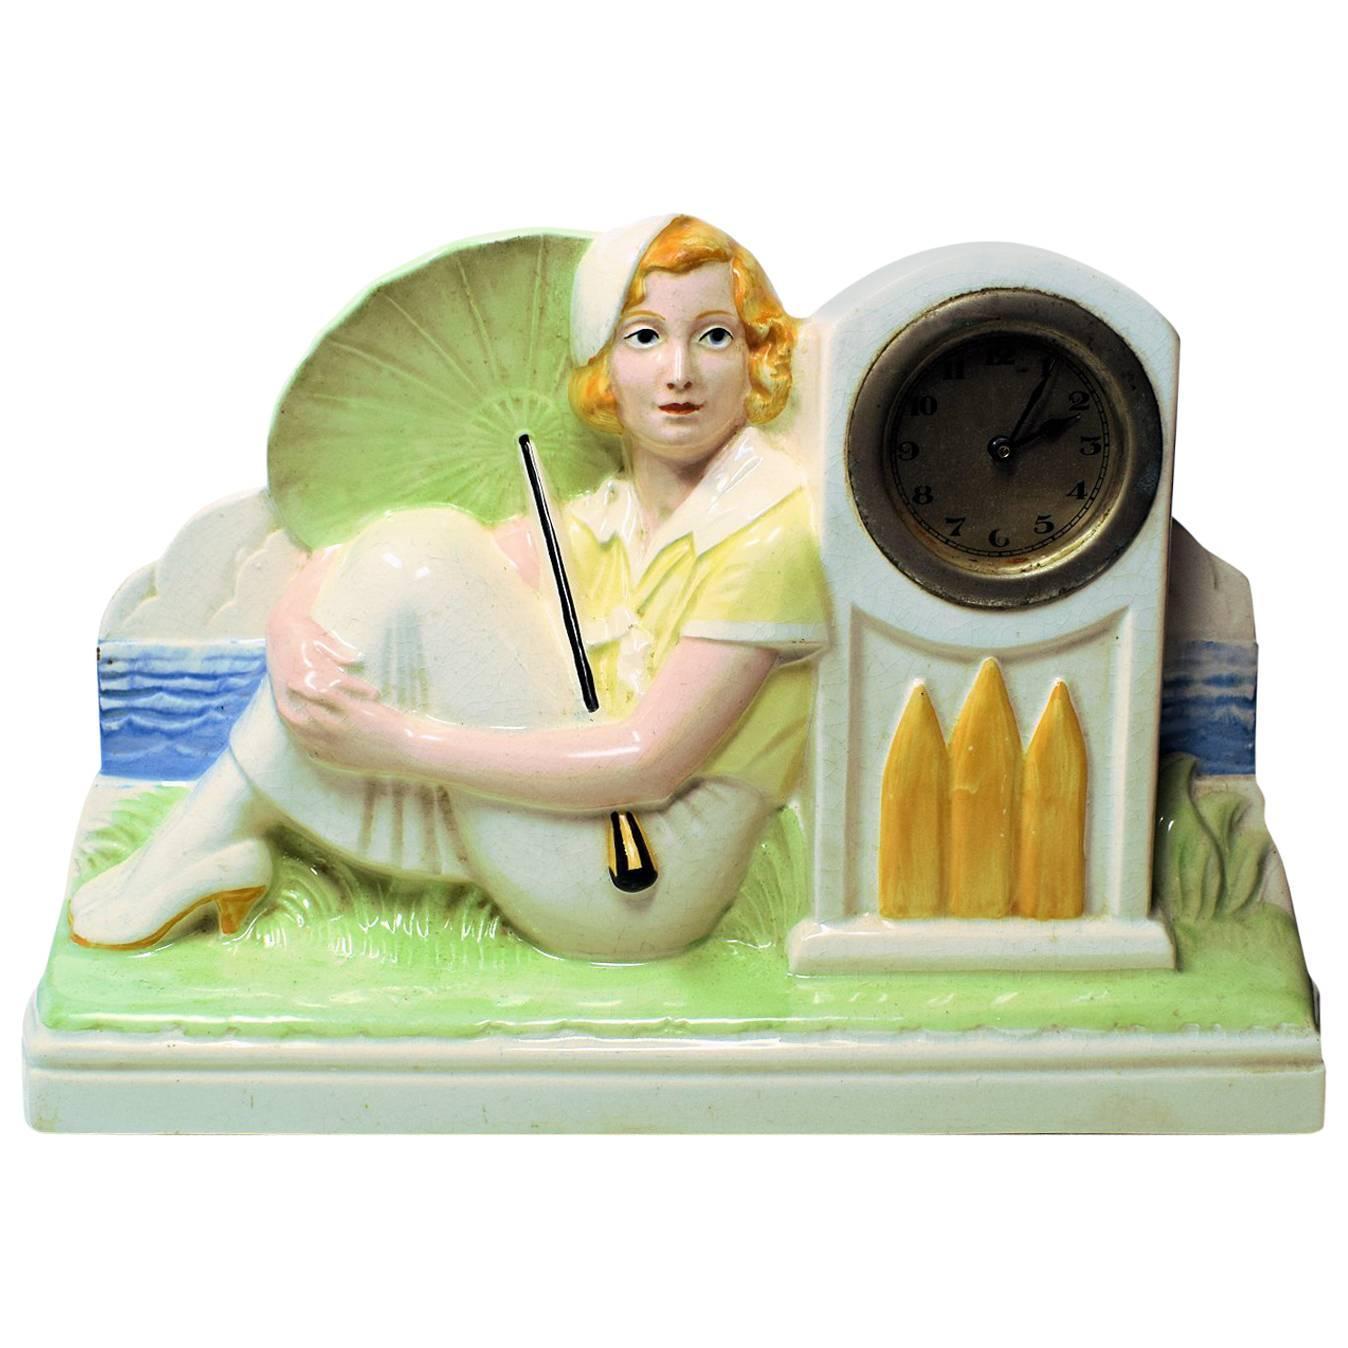 1930s Art Deco Figurative Mantle Ceramic Clock